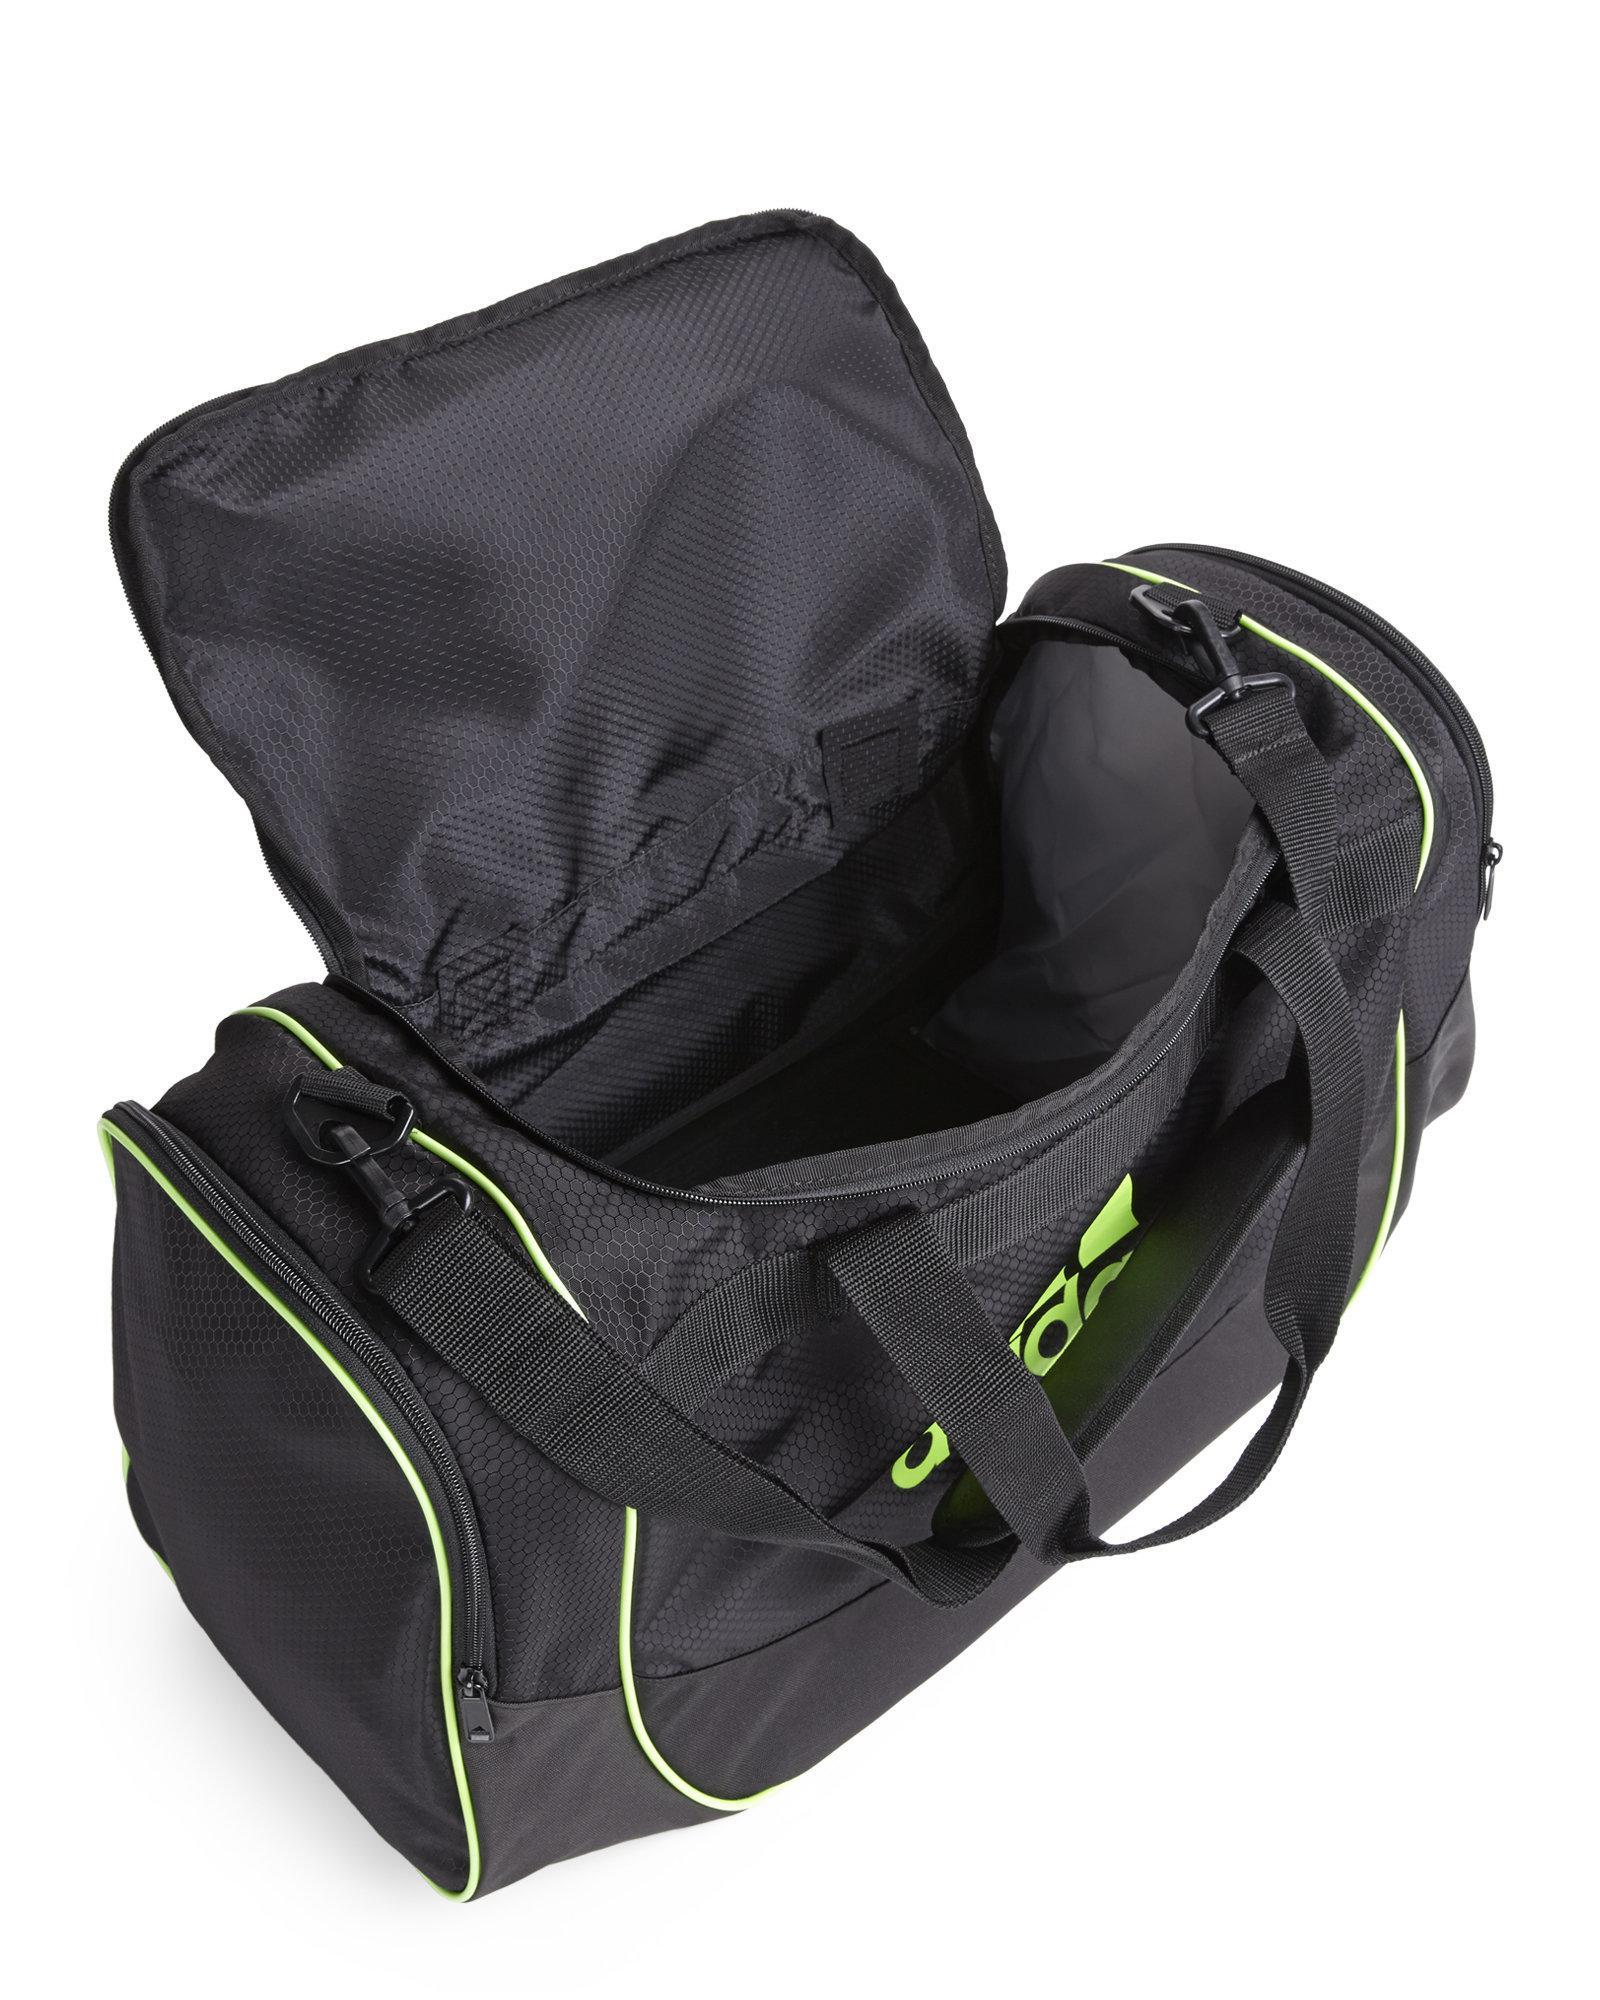 d9dc030d66 Lyst - adidas Originals Black   Neon Green Defense Medium Duffle Bag ...